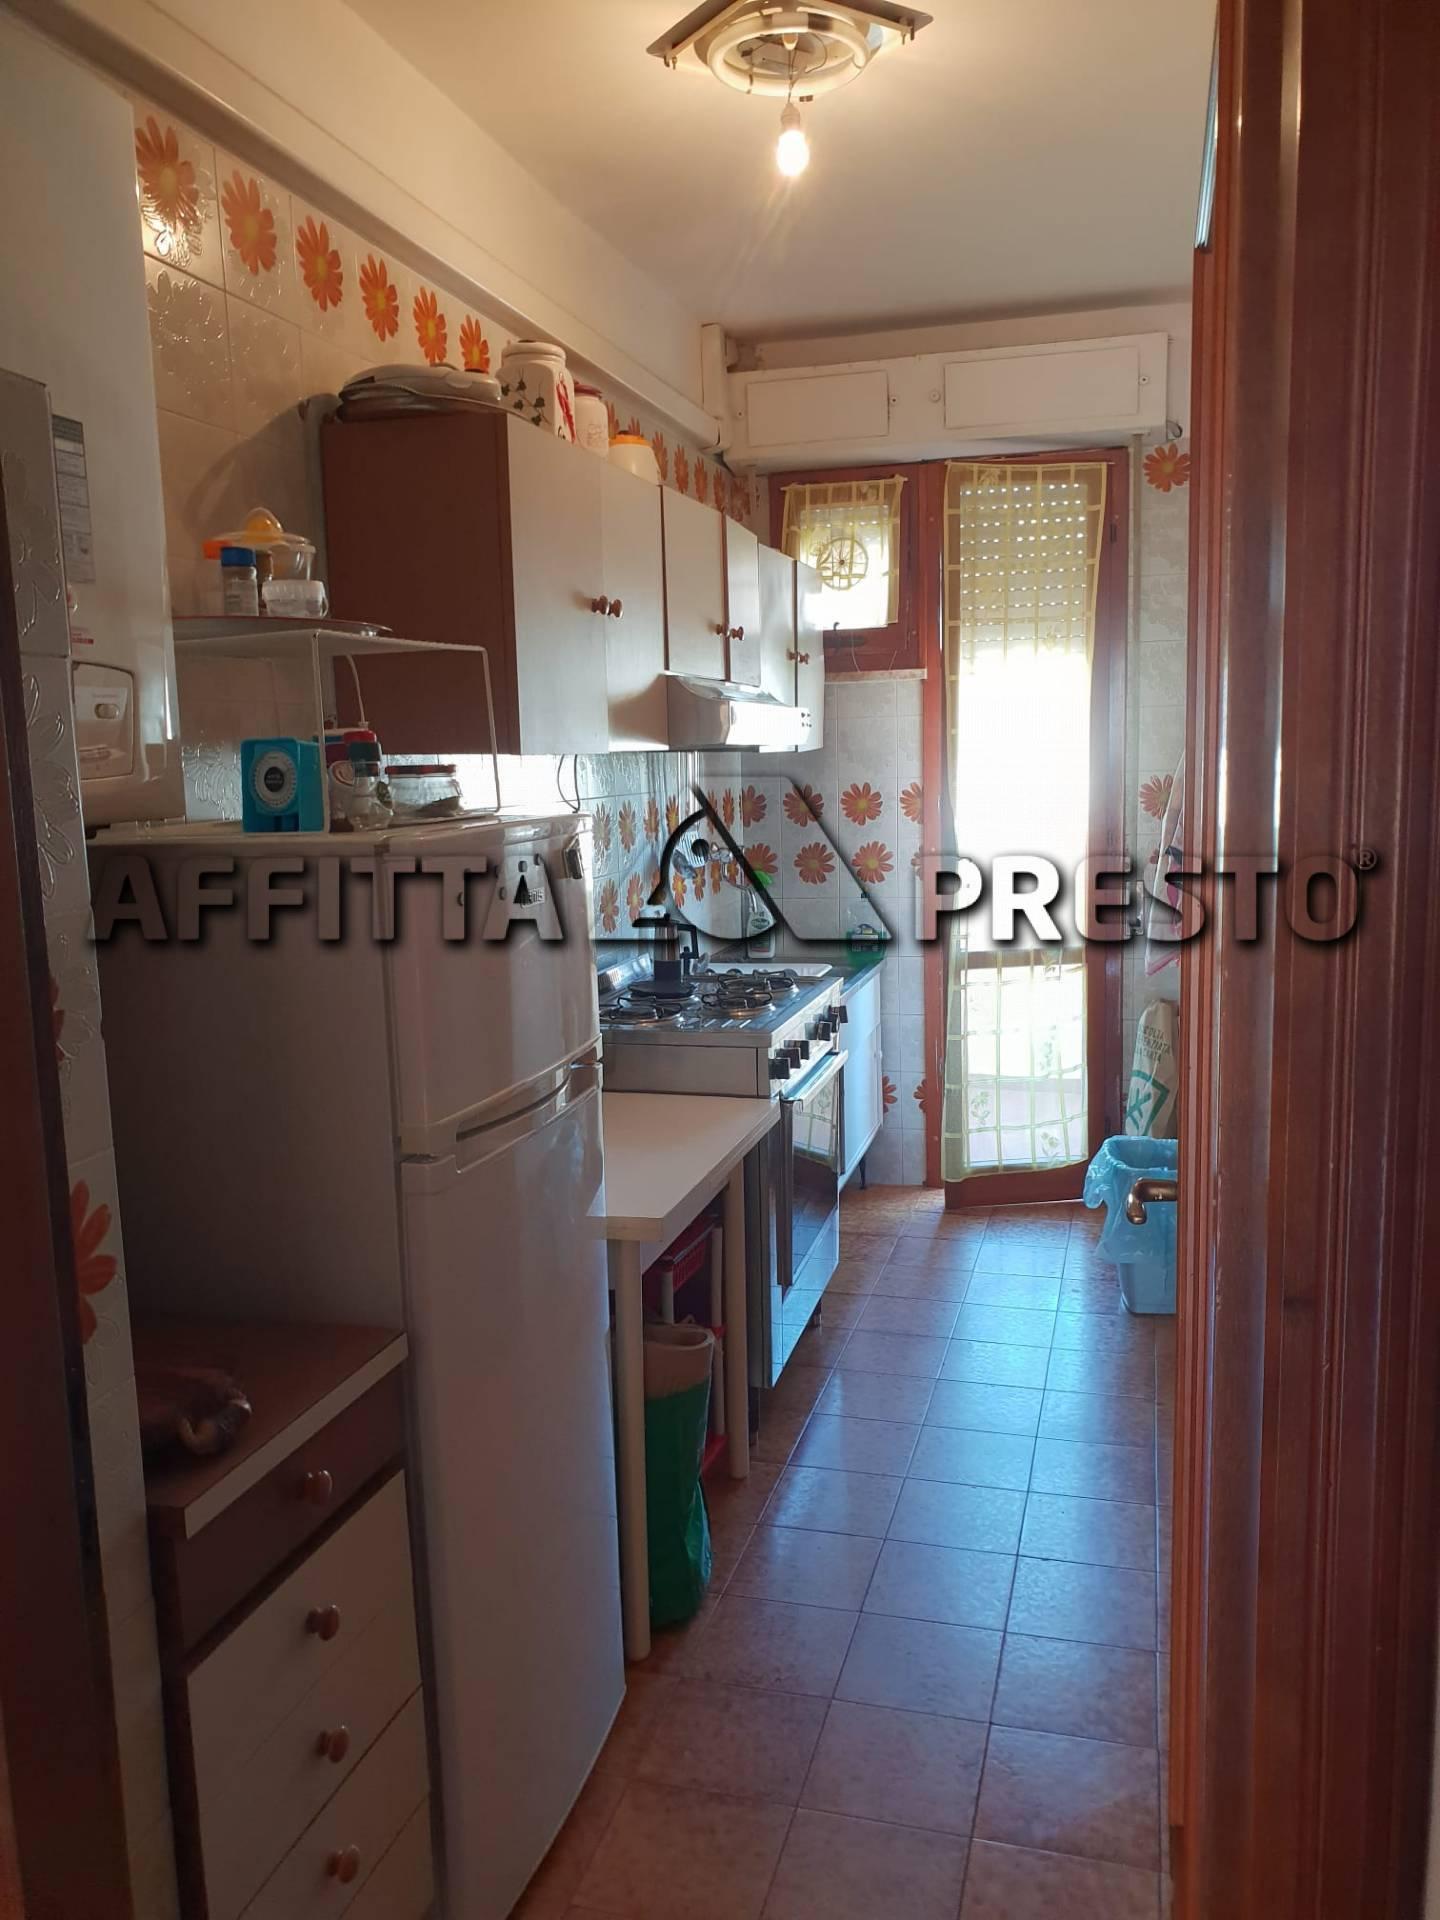 Porzione di casa in affitto a Pisanova, Pisa